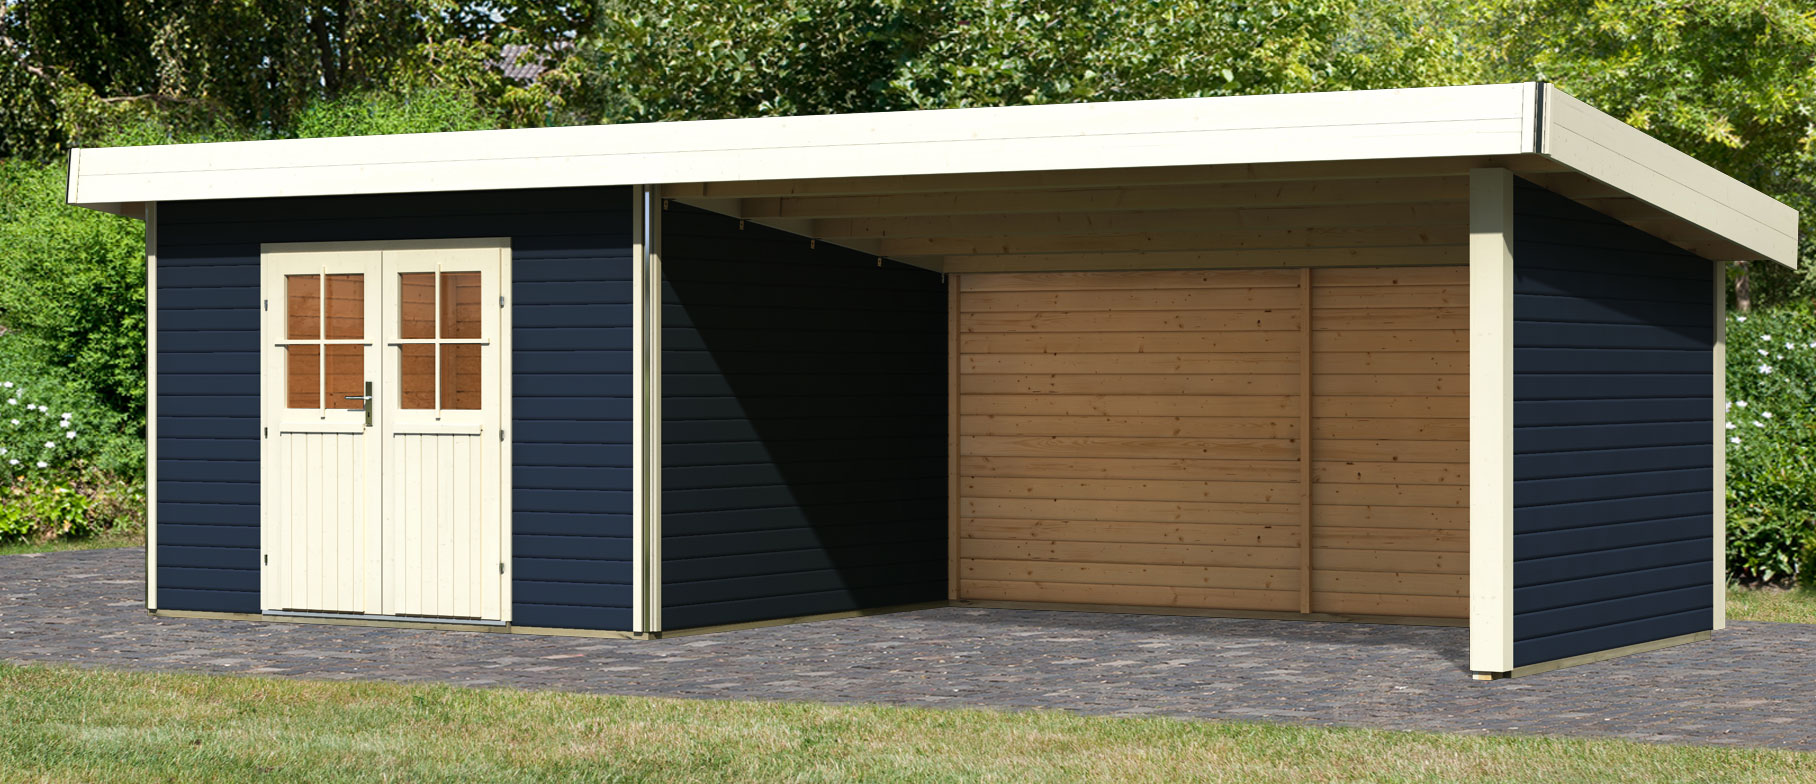 pultdach gartenhaus 40mm perfect wolff finnhaus gartenhaus rotterdam klassik x m wandstrke with. Black Bedroom Furniture Sets. Home Design Ideas